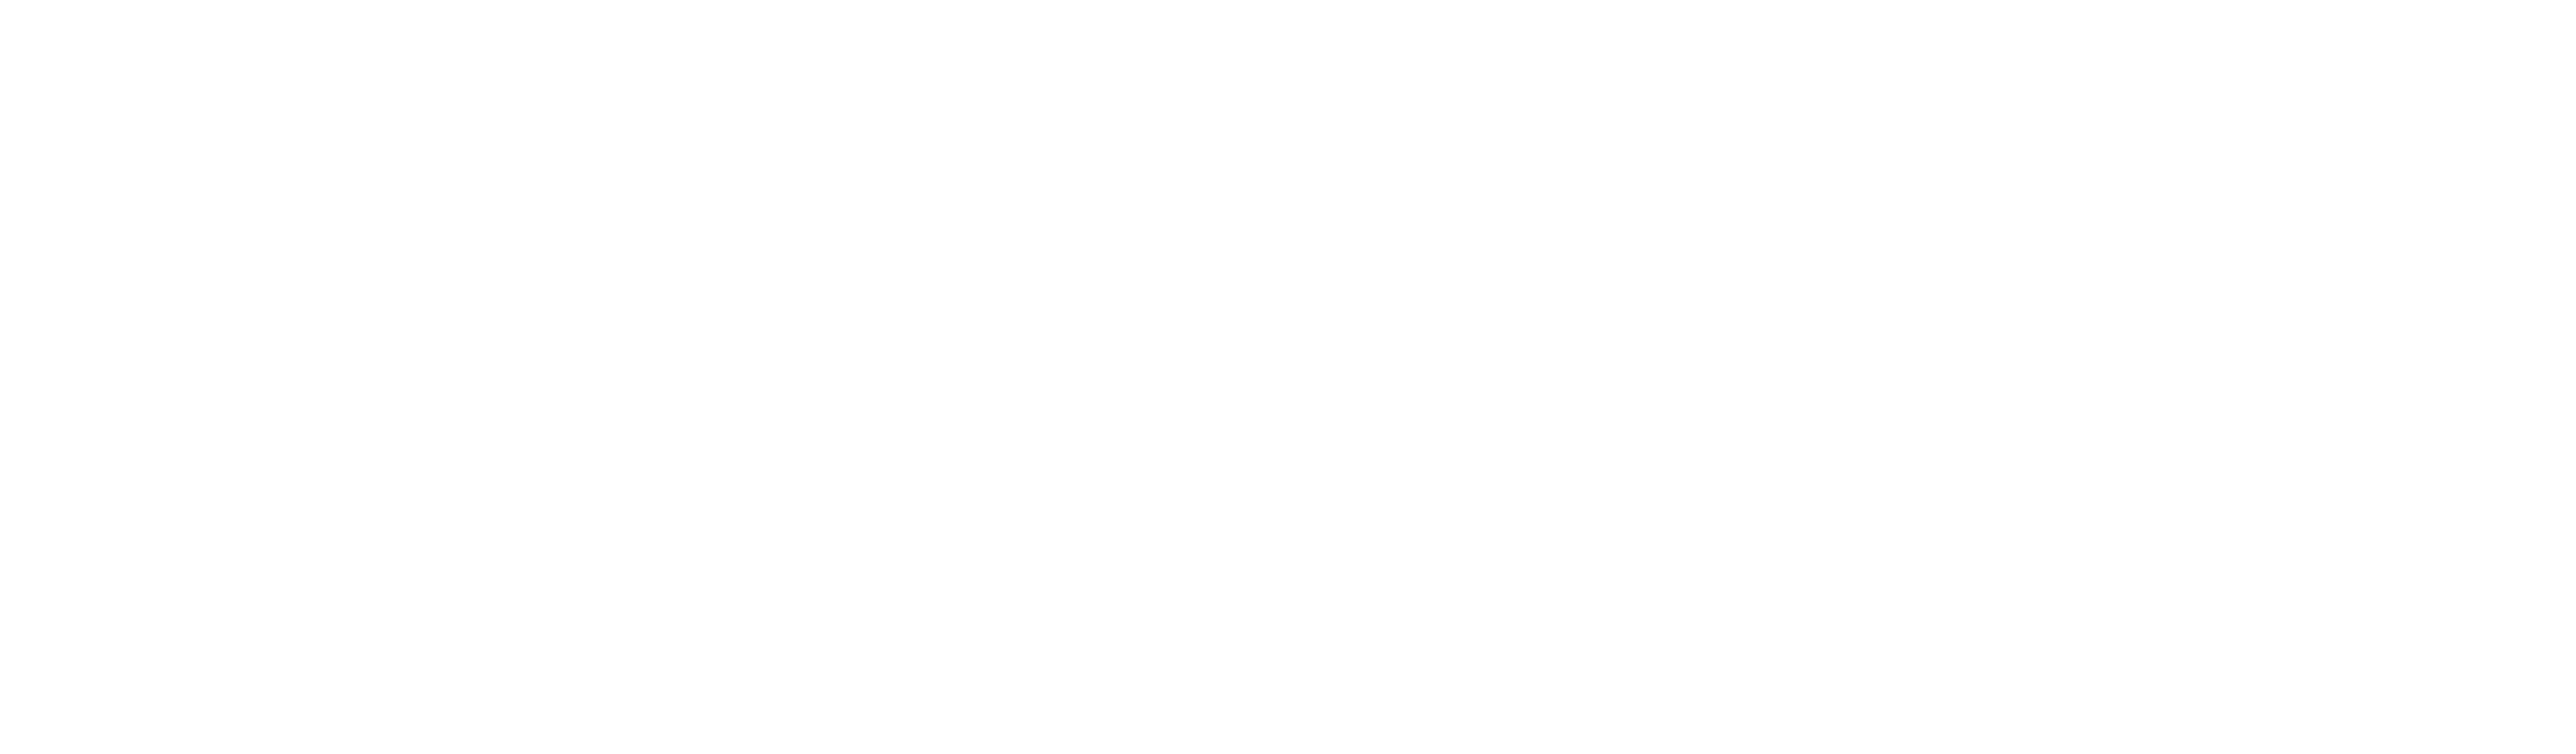 Top Tier Travel